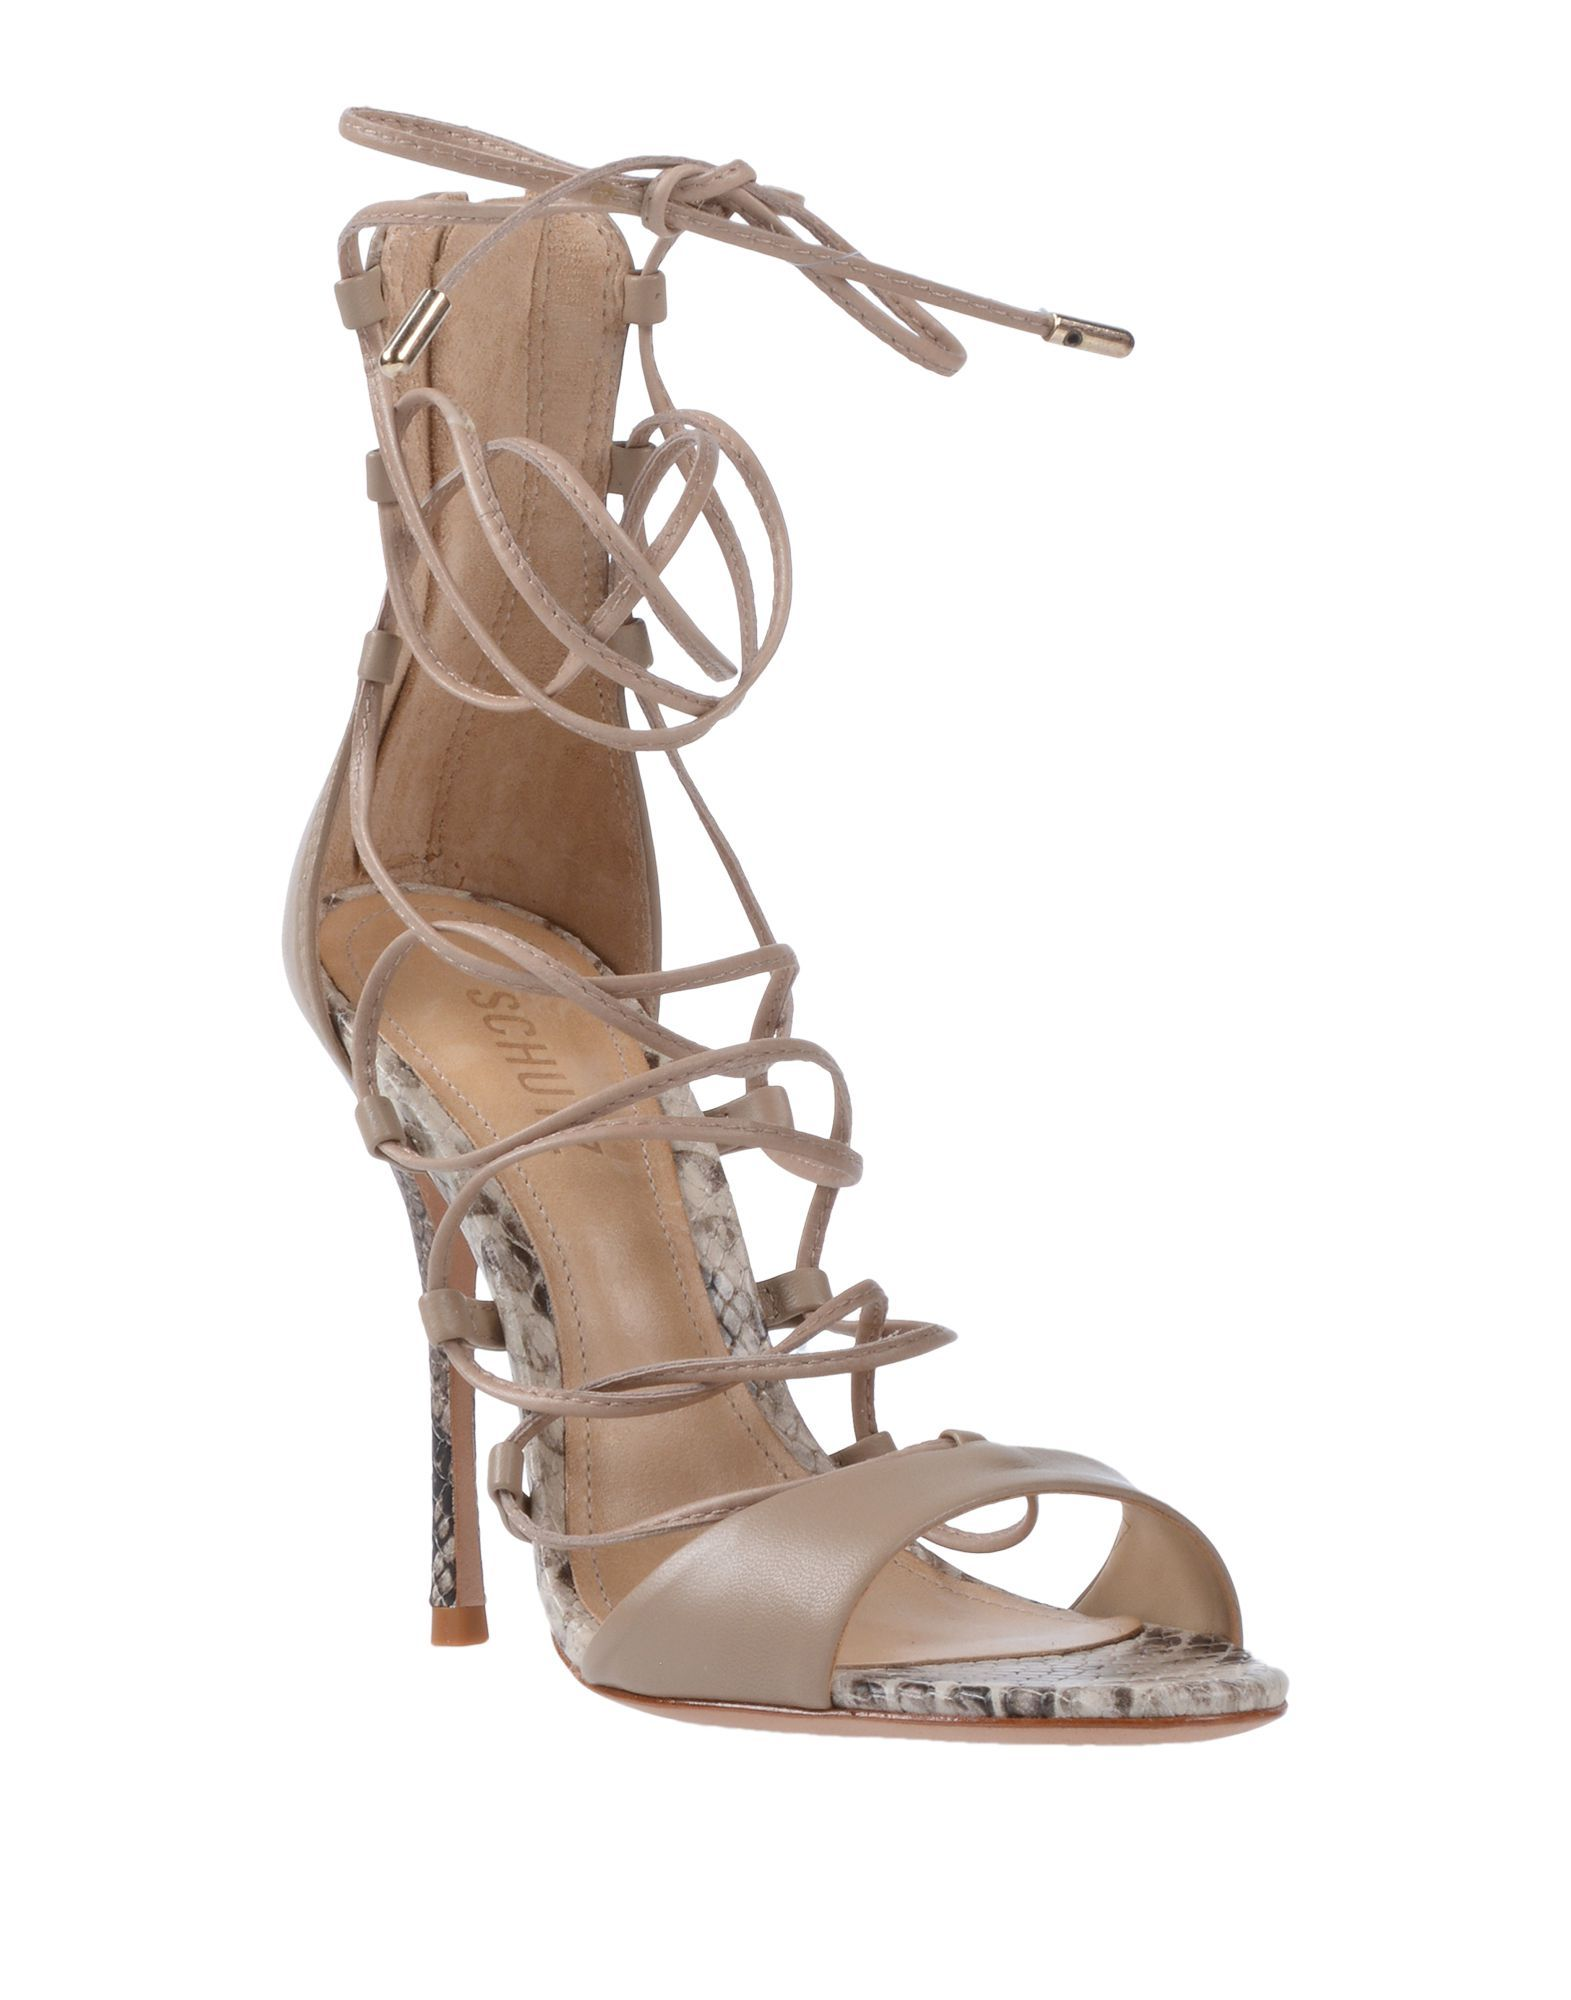 Schutz Beige Leather Heels